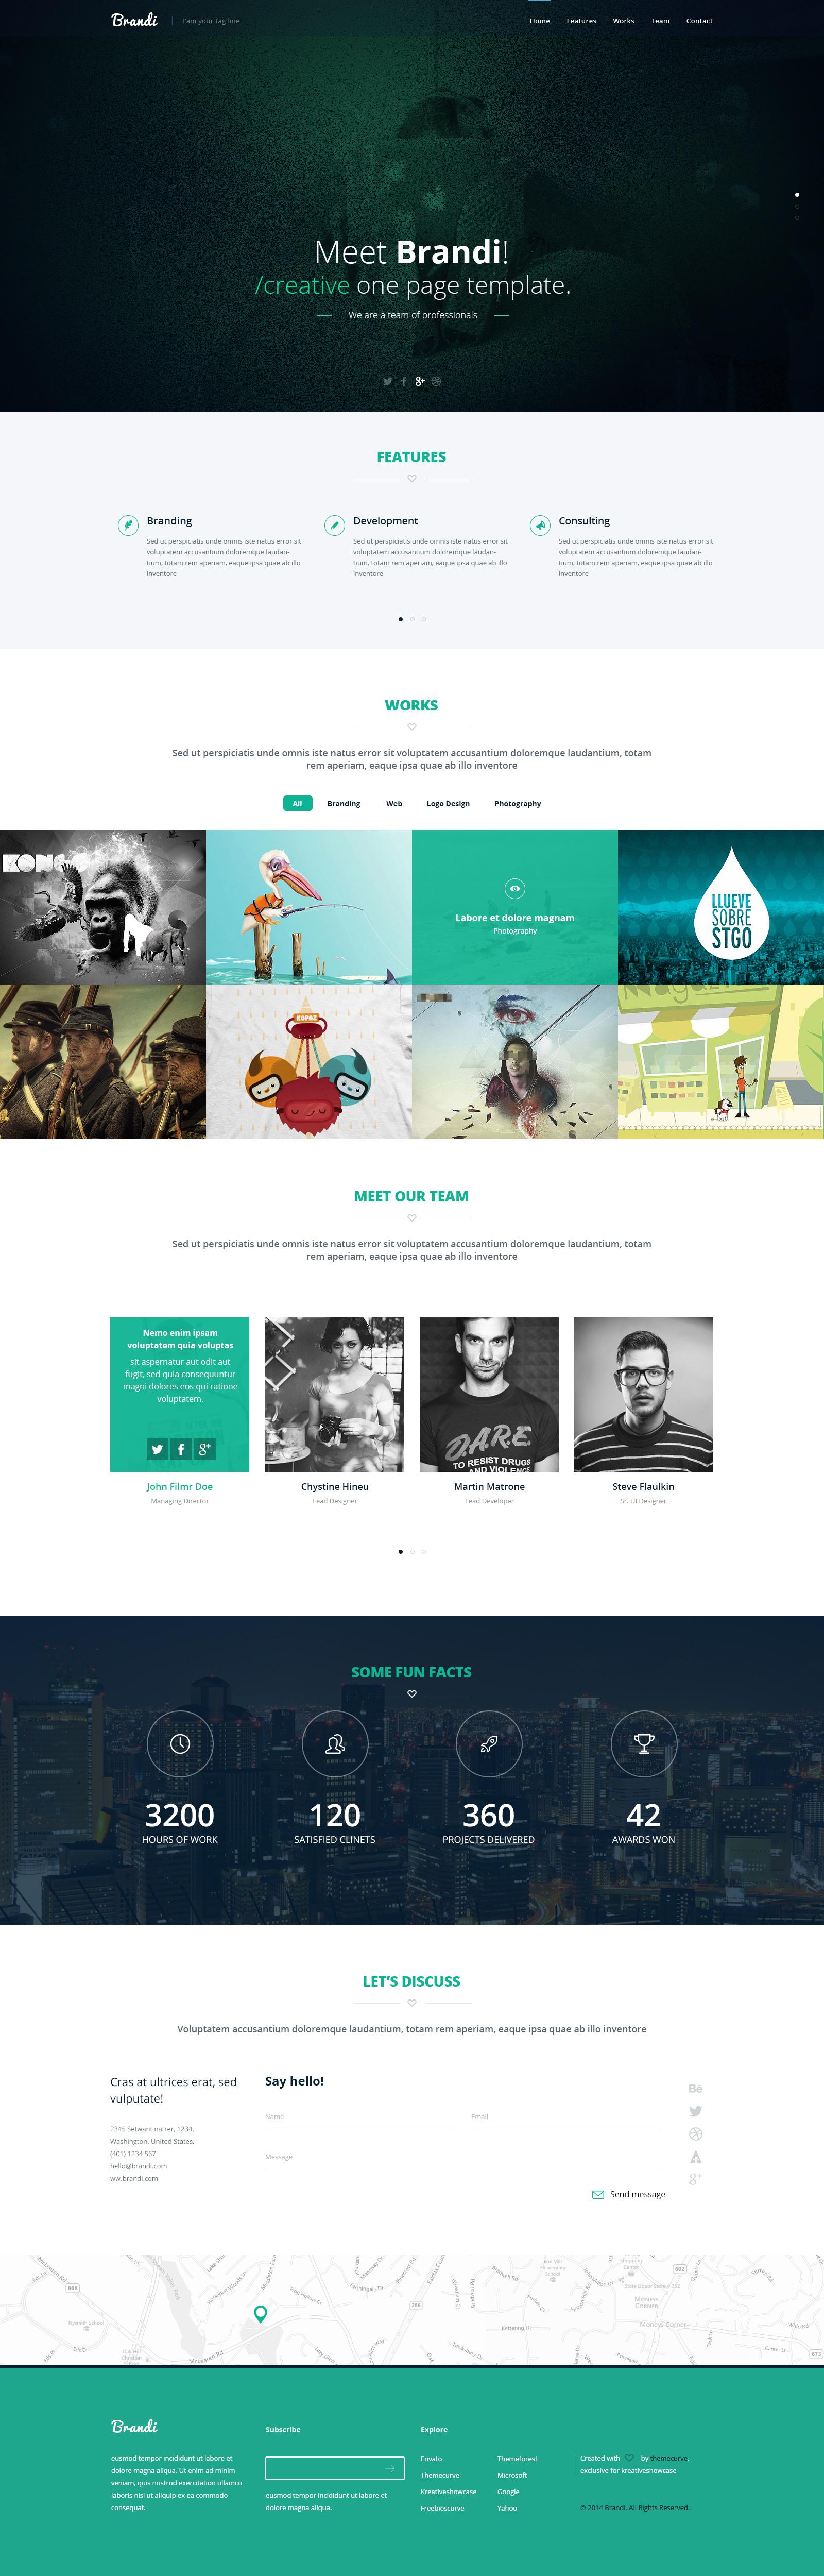 plantilla-psd-una-pagina | Plantillas web | Pinterest | Plantas ...